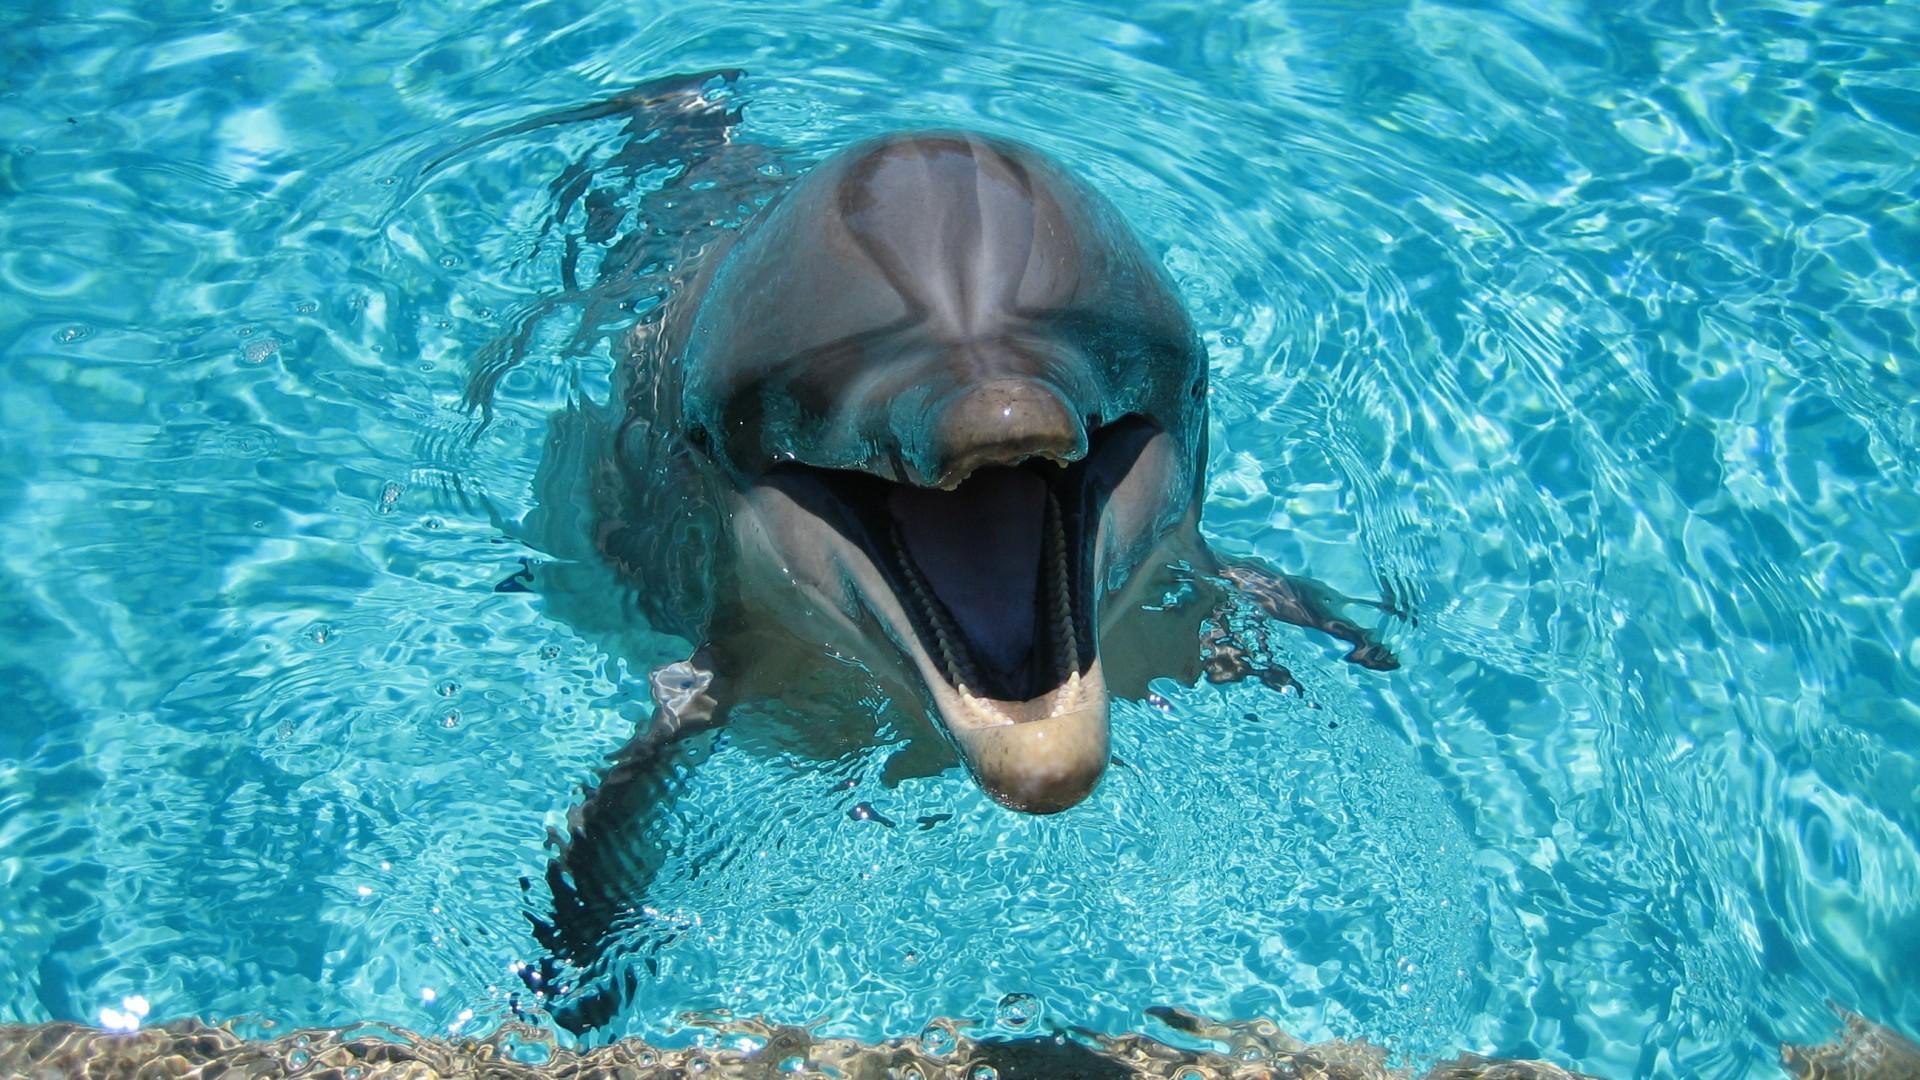 дельфин, вода, прозрачная